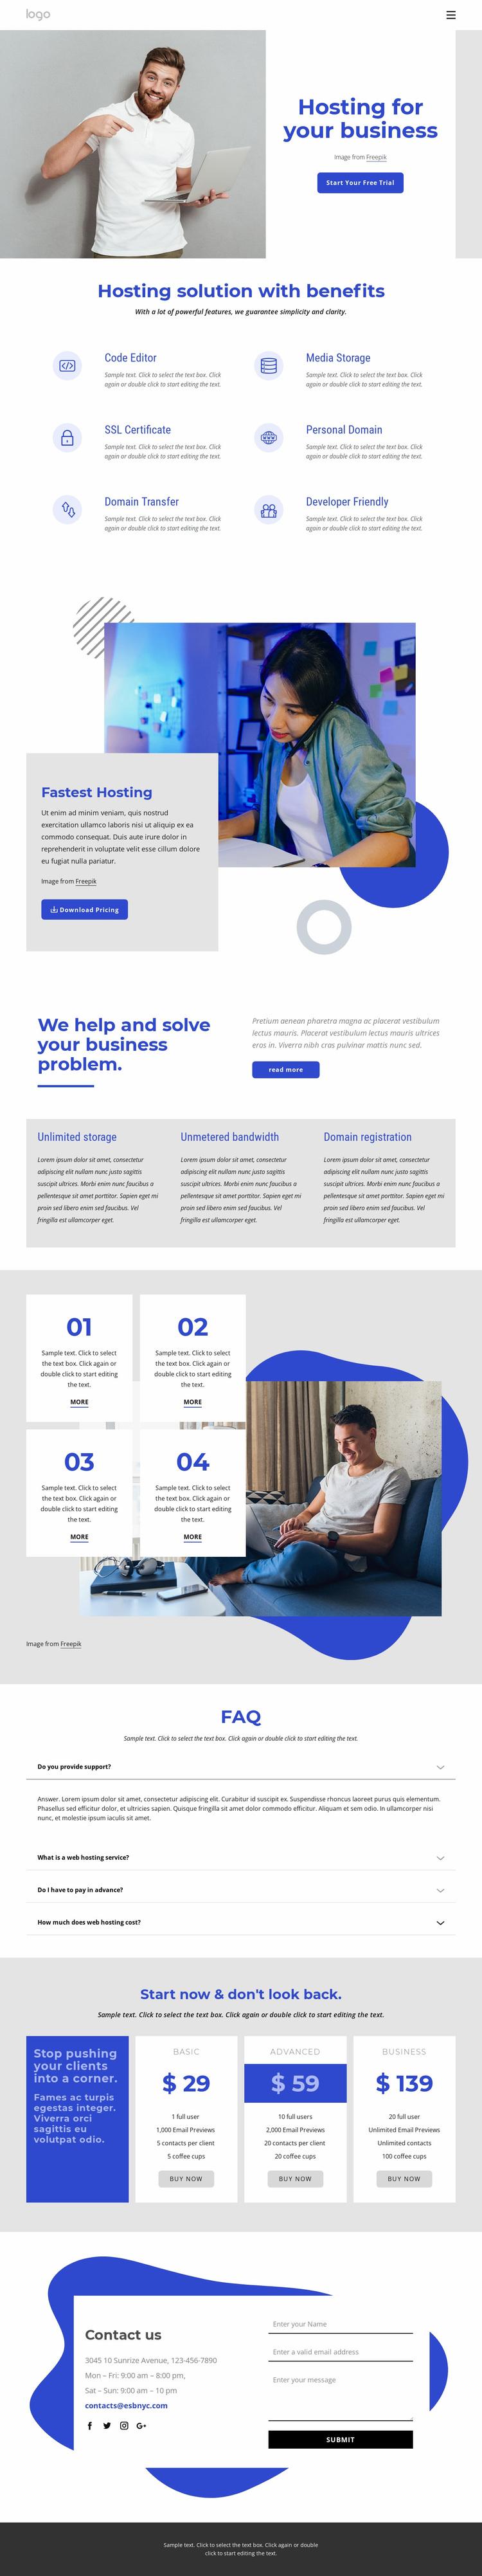 Web hosting company Website Design